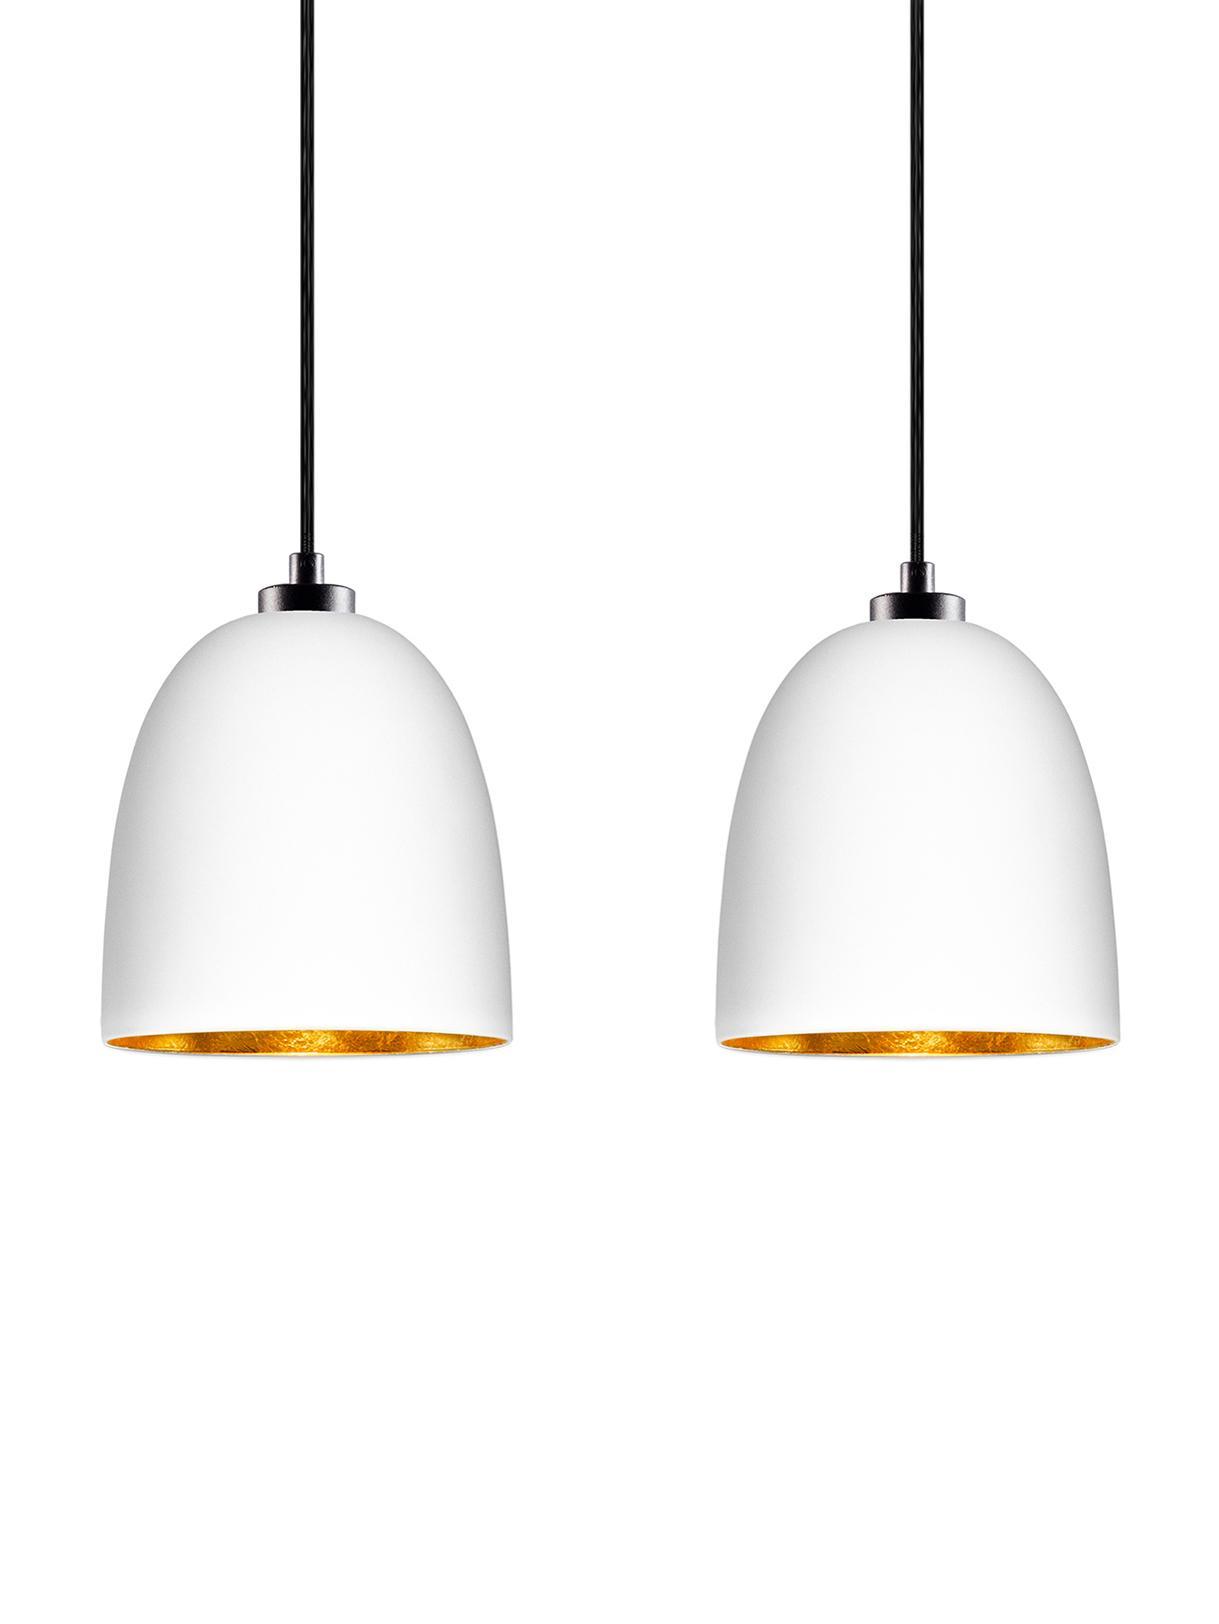 Lampa wisząca ze szkła Awa Double, Biały, czarny, S 67 x W 155 cm